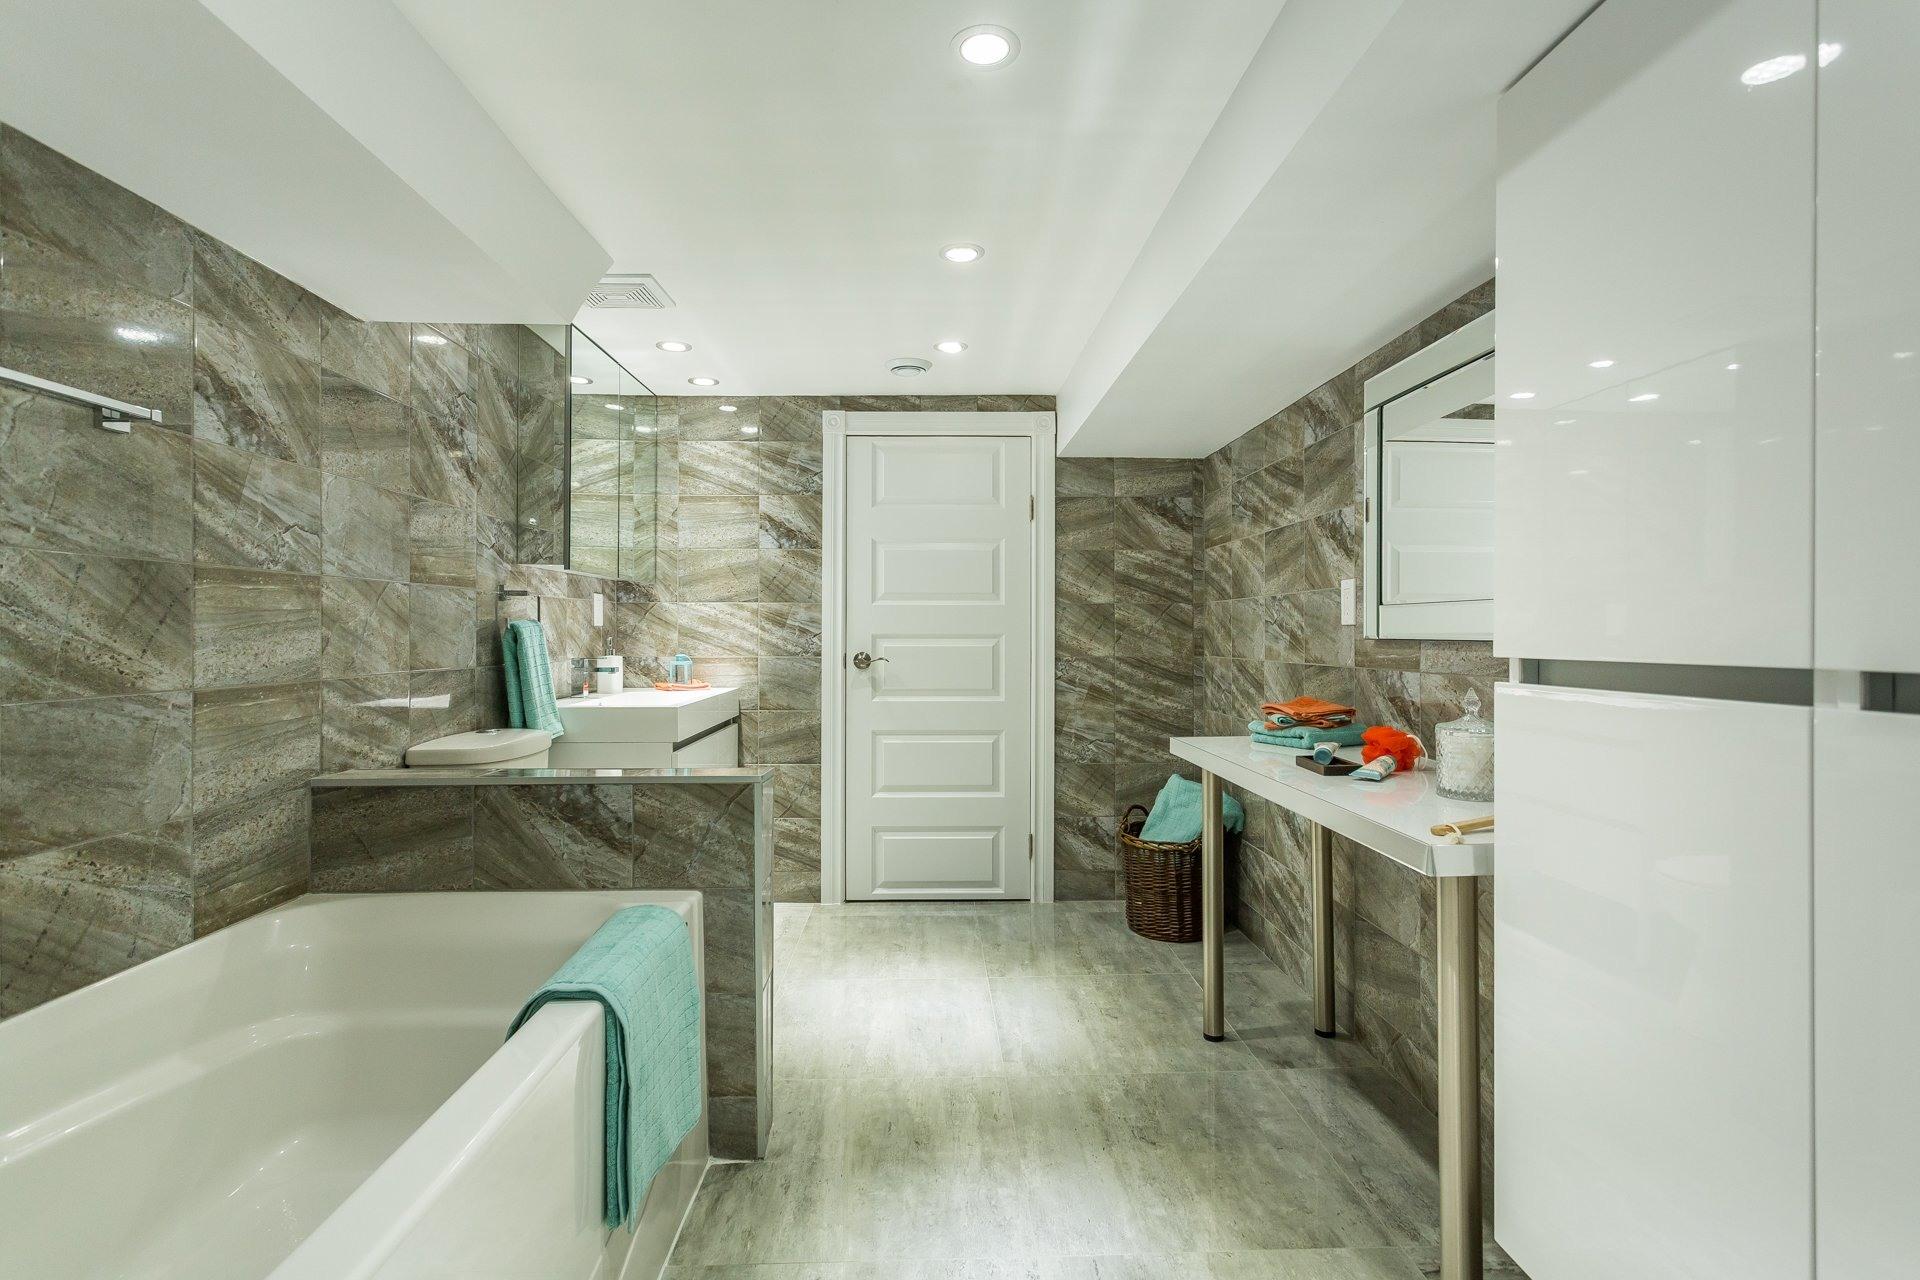 image 15 - House For sale Montréal Rosemont/La Petite-Patrie  - 6 rooms